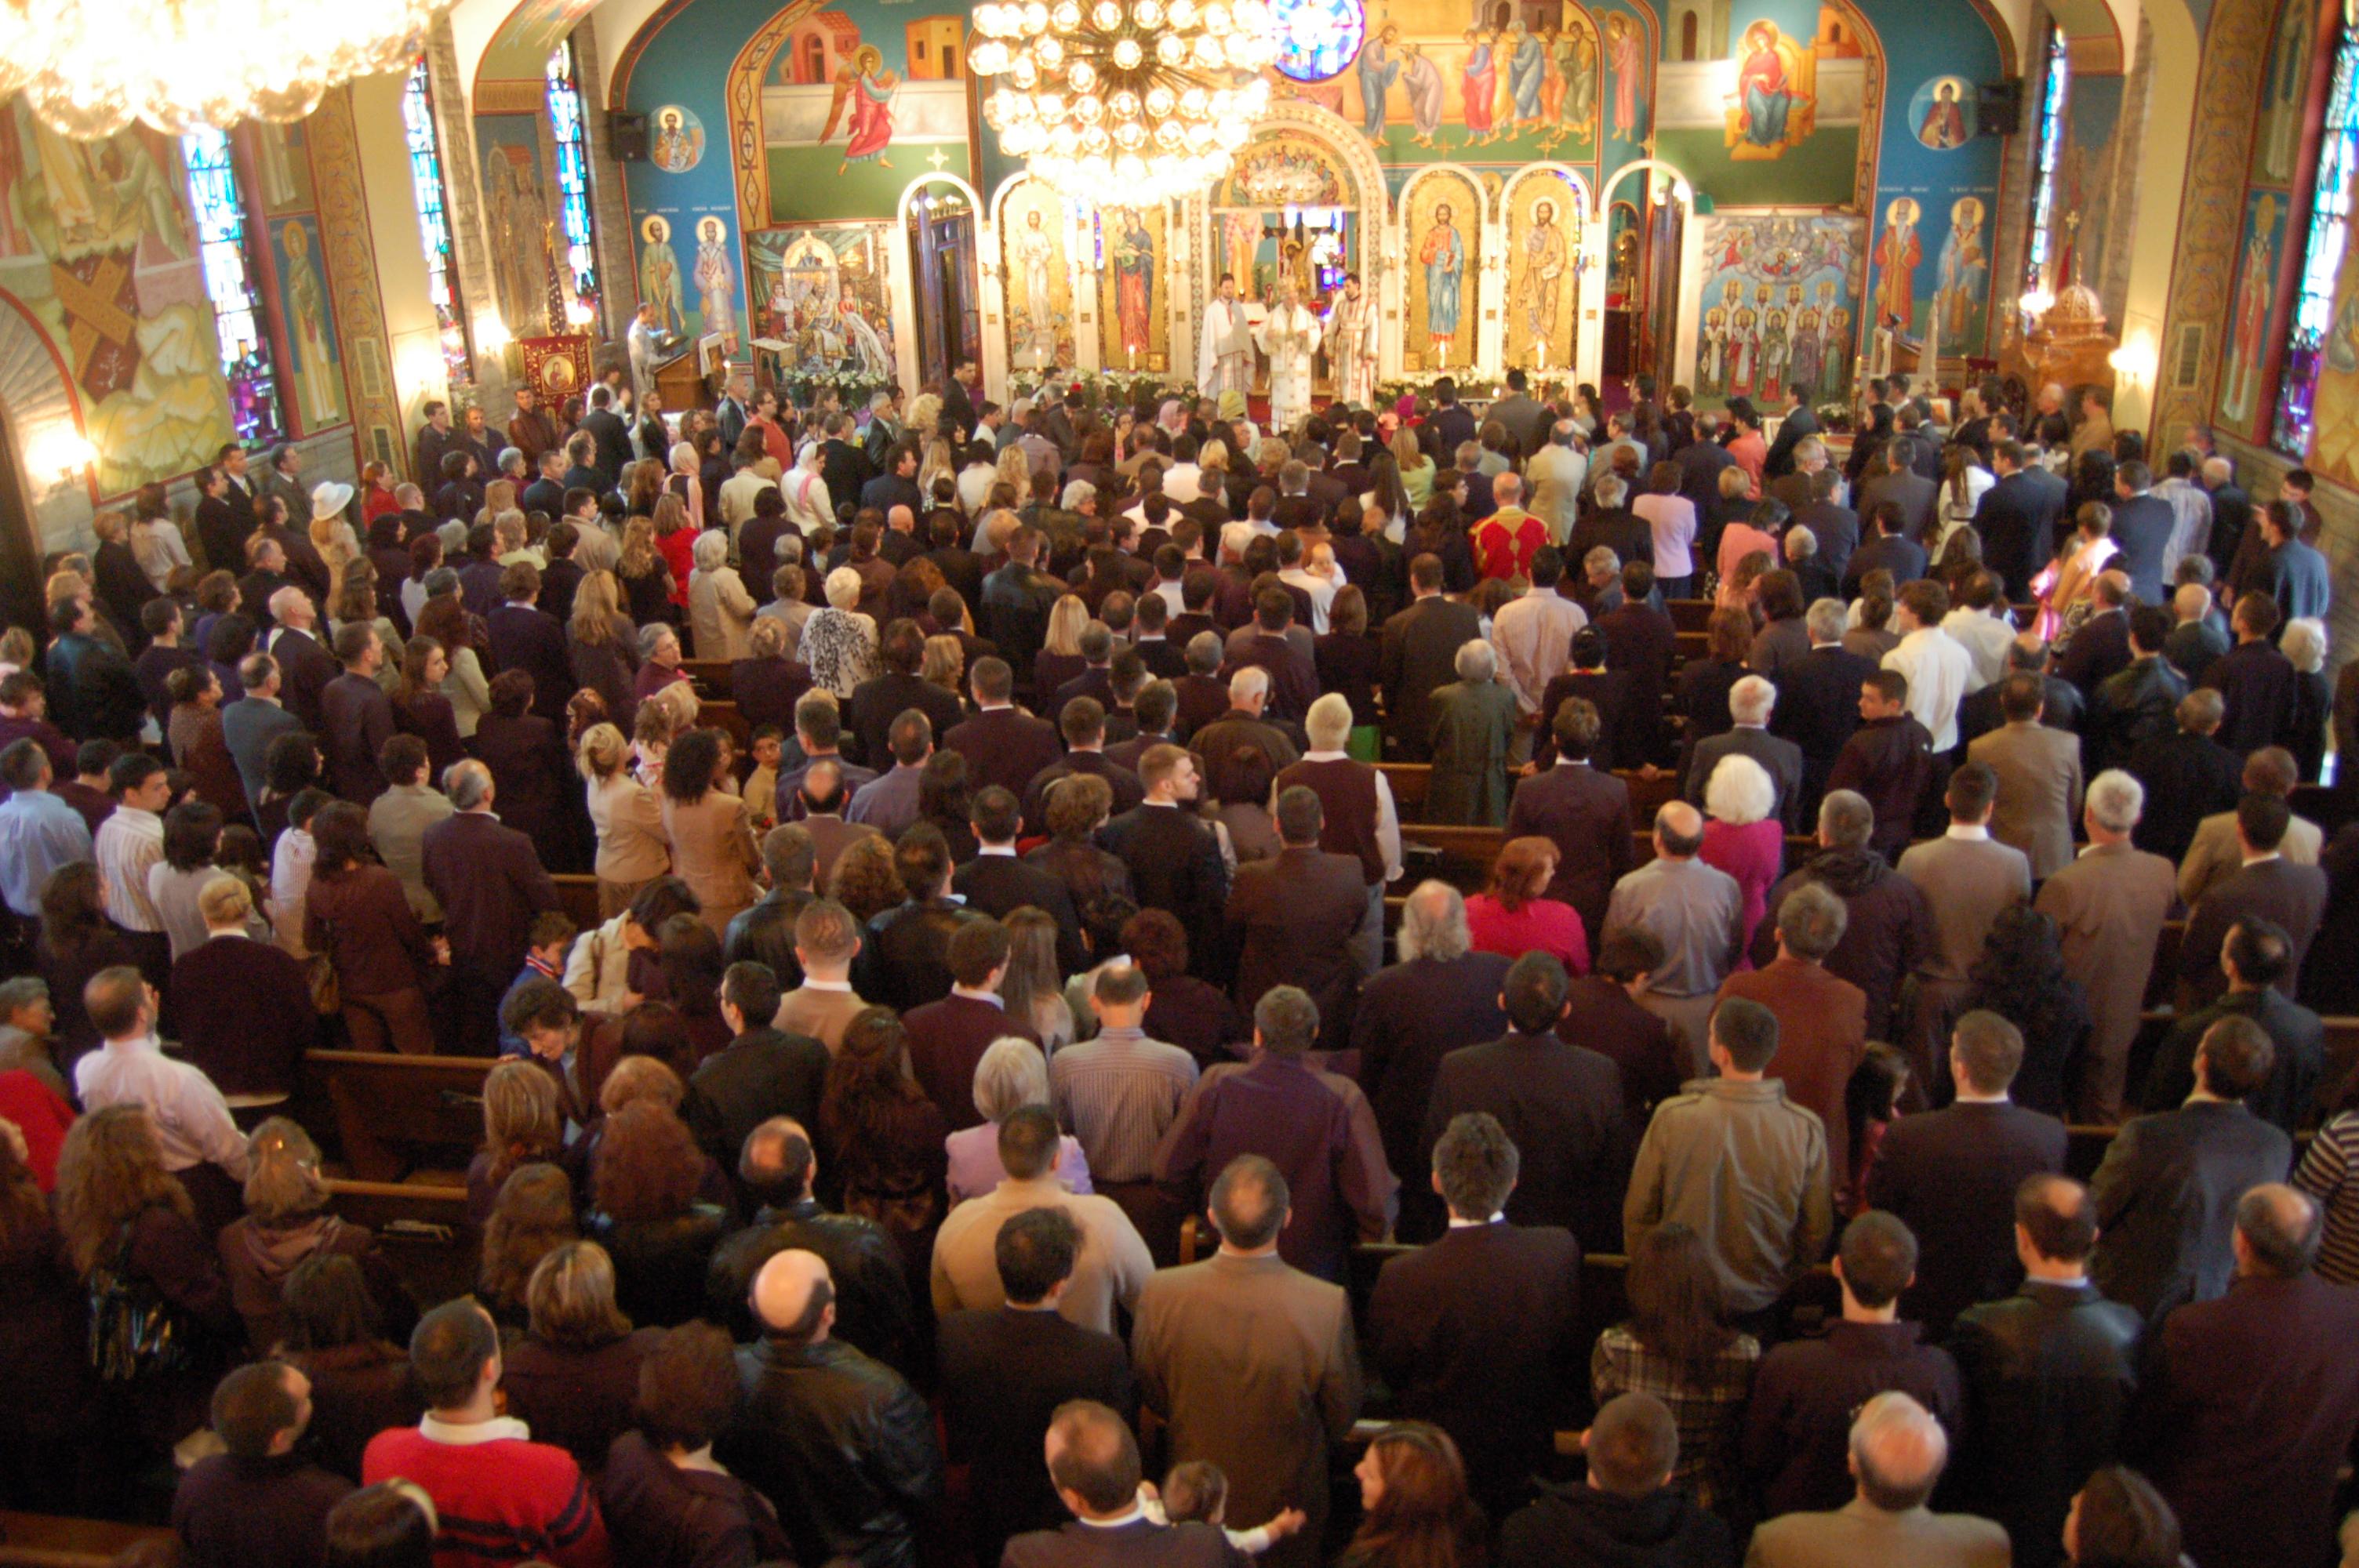 church offering prayer - HD3008×2000